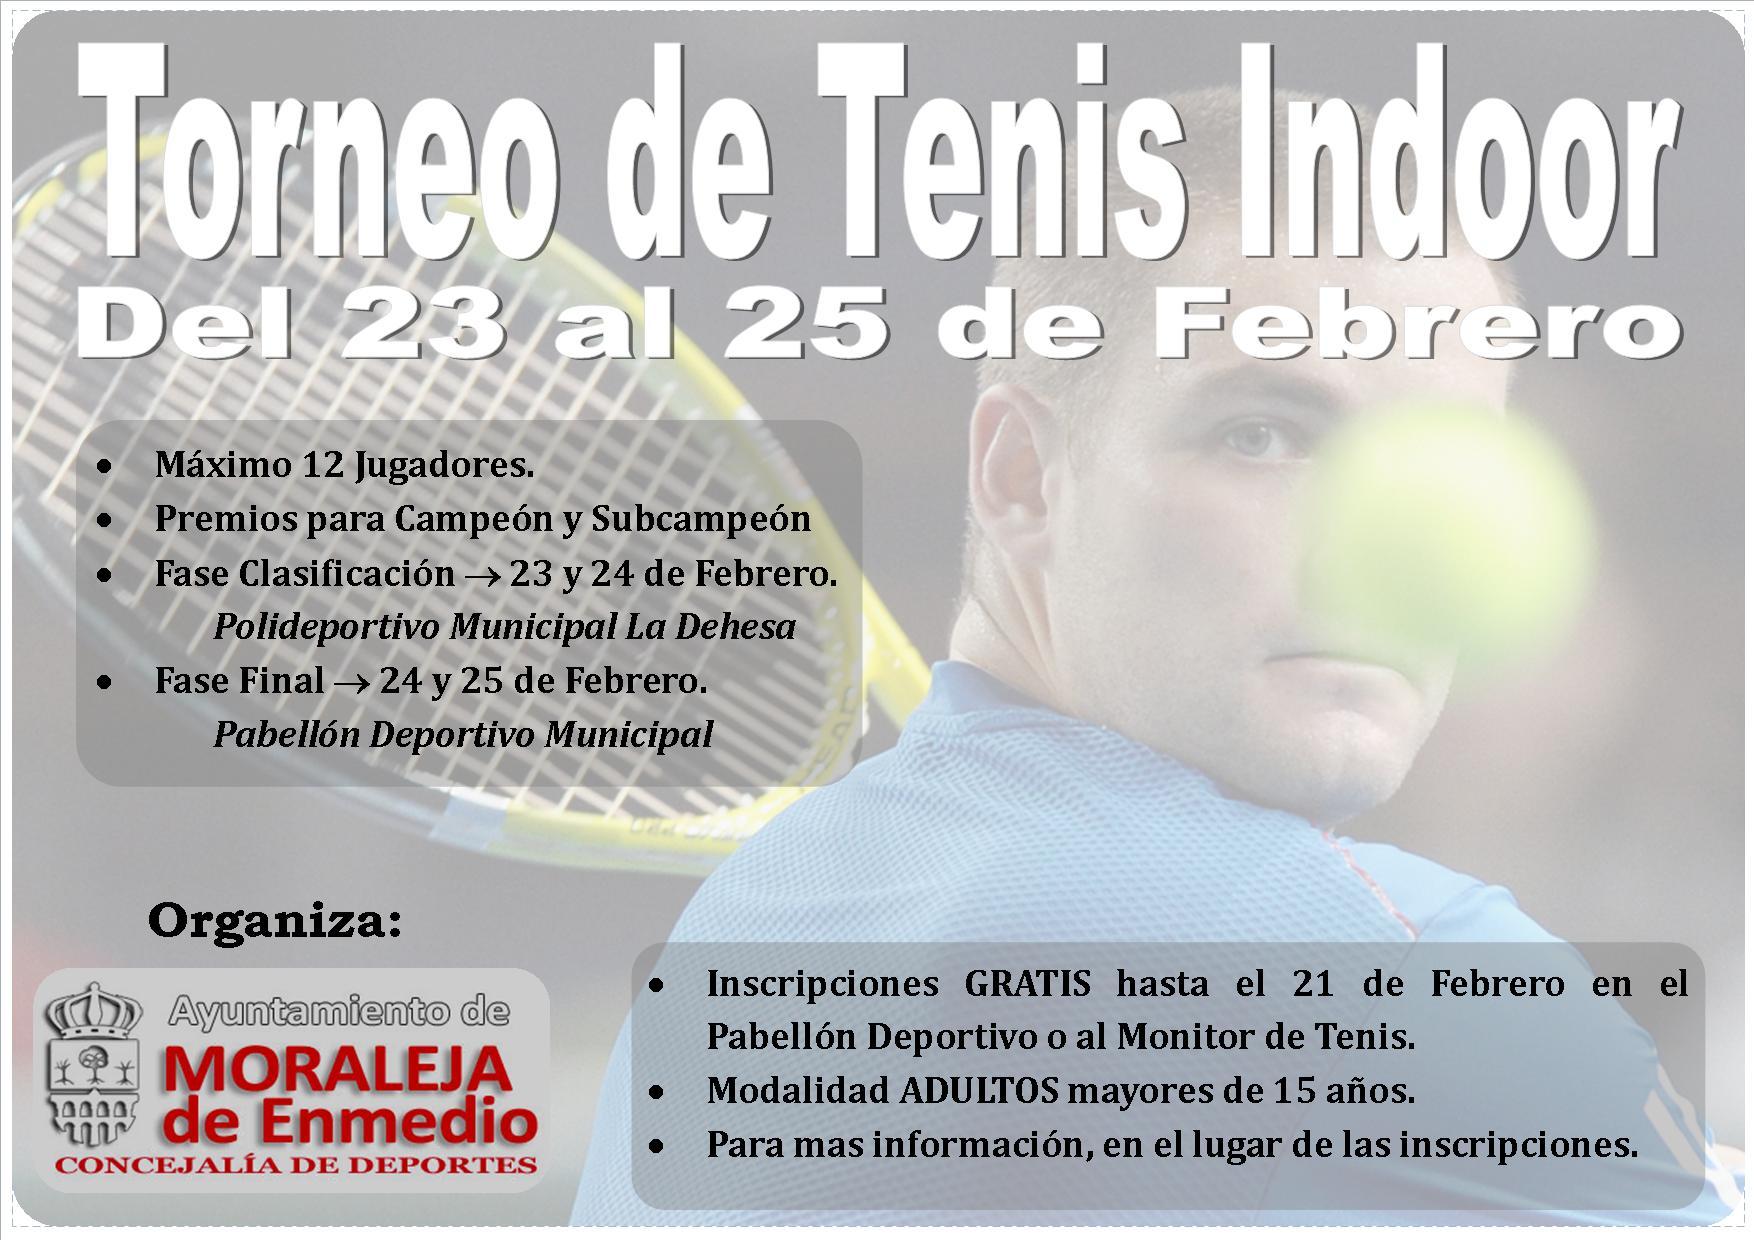 Torneo de Tenis Indoor